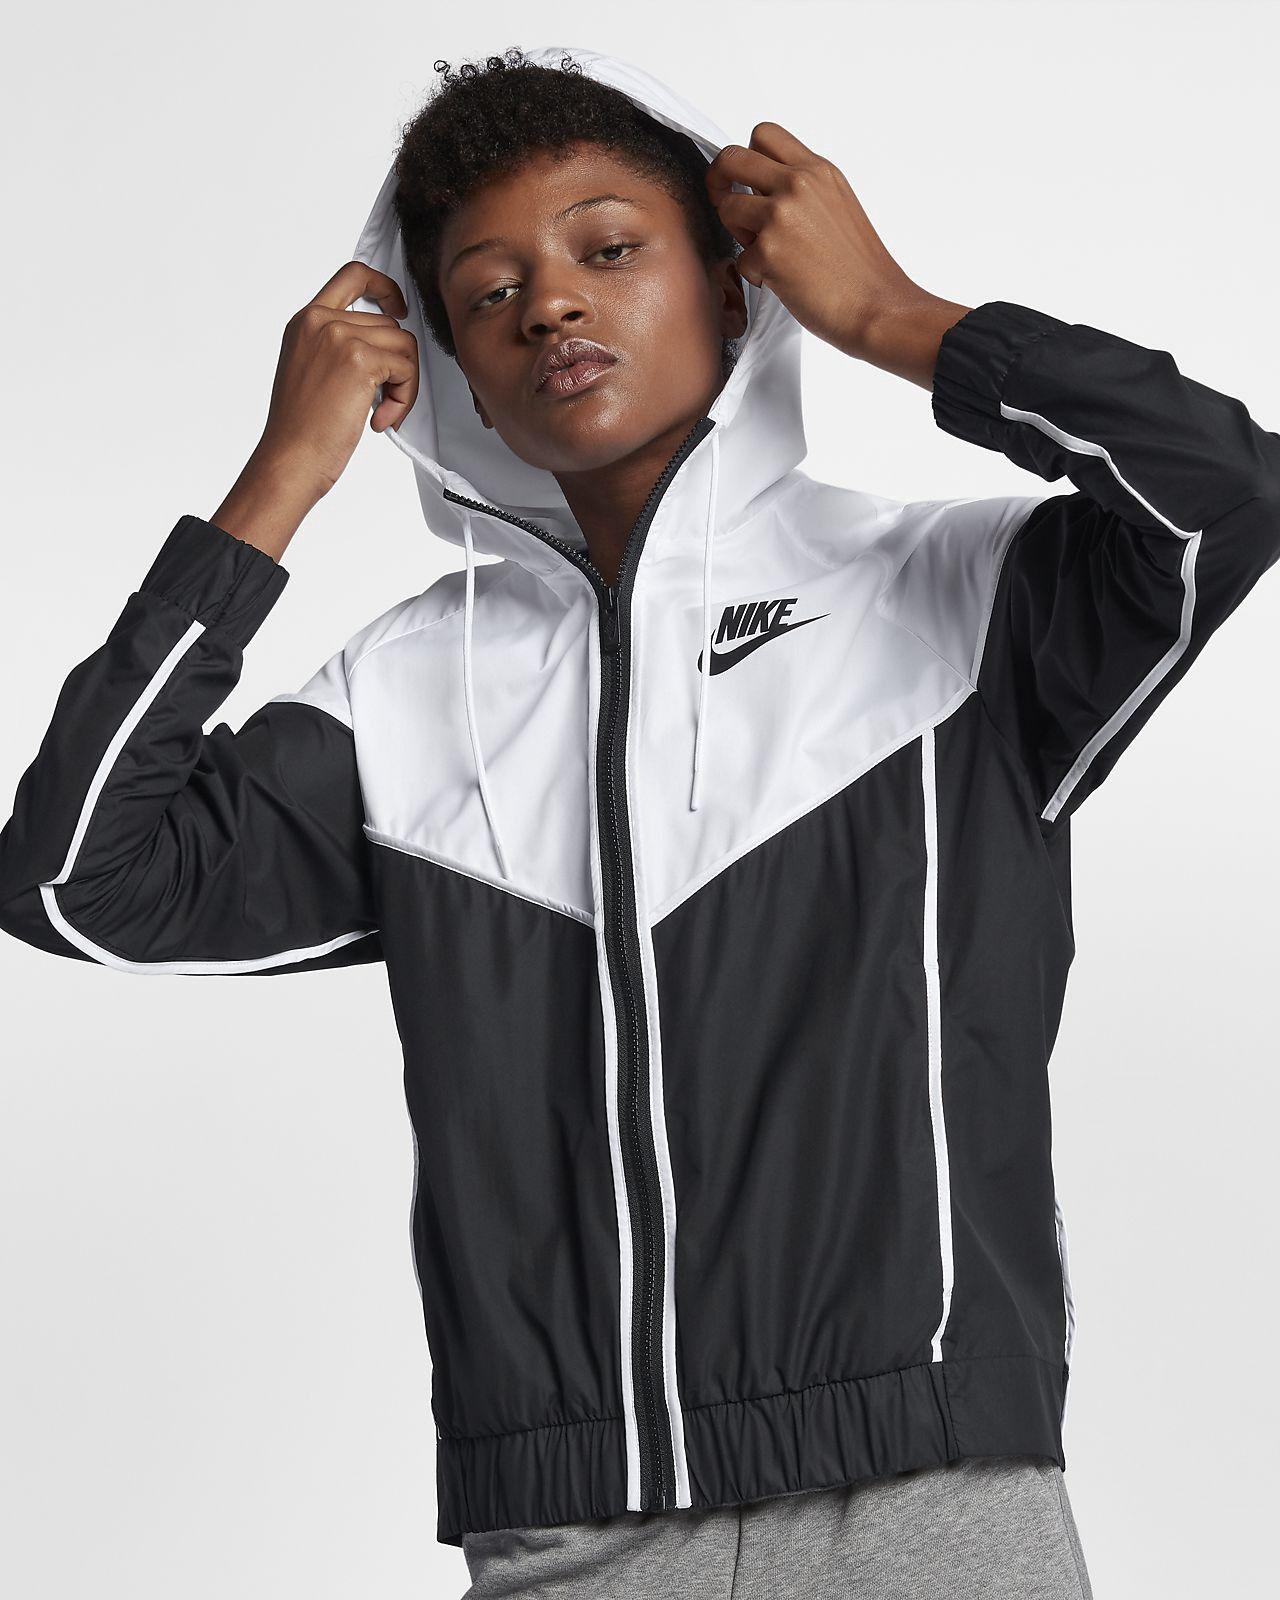 26ad591ec89 Nike Sportswear Windrunner Women s Jacket by Nike in 2018